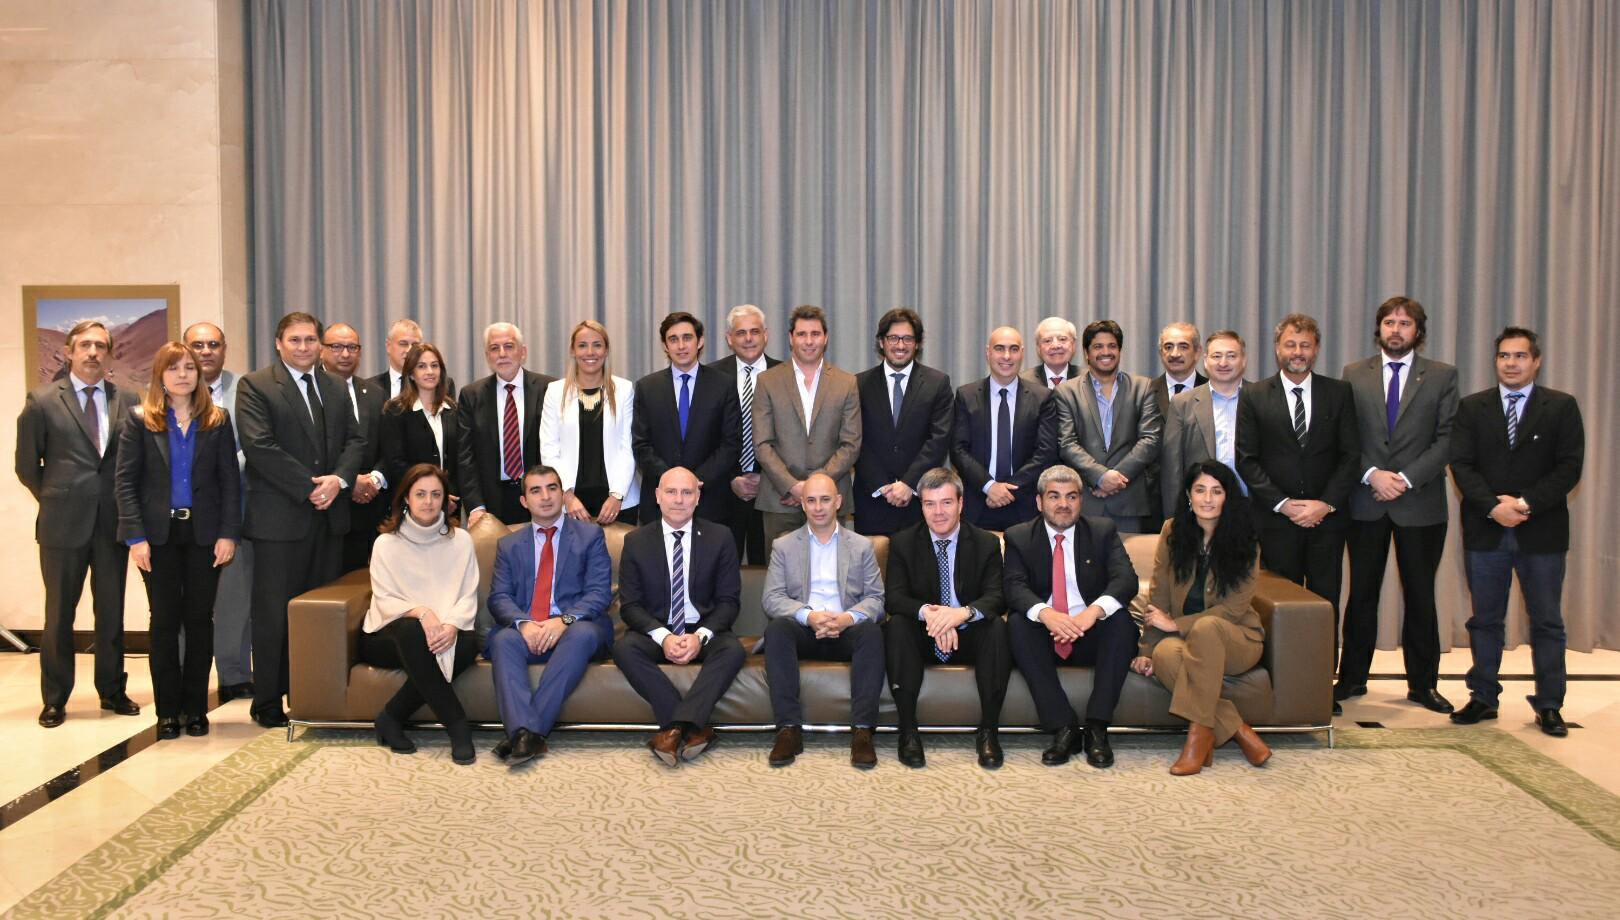 El Consejo Federal de Justicia se reunió en San Juan